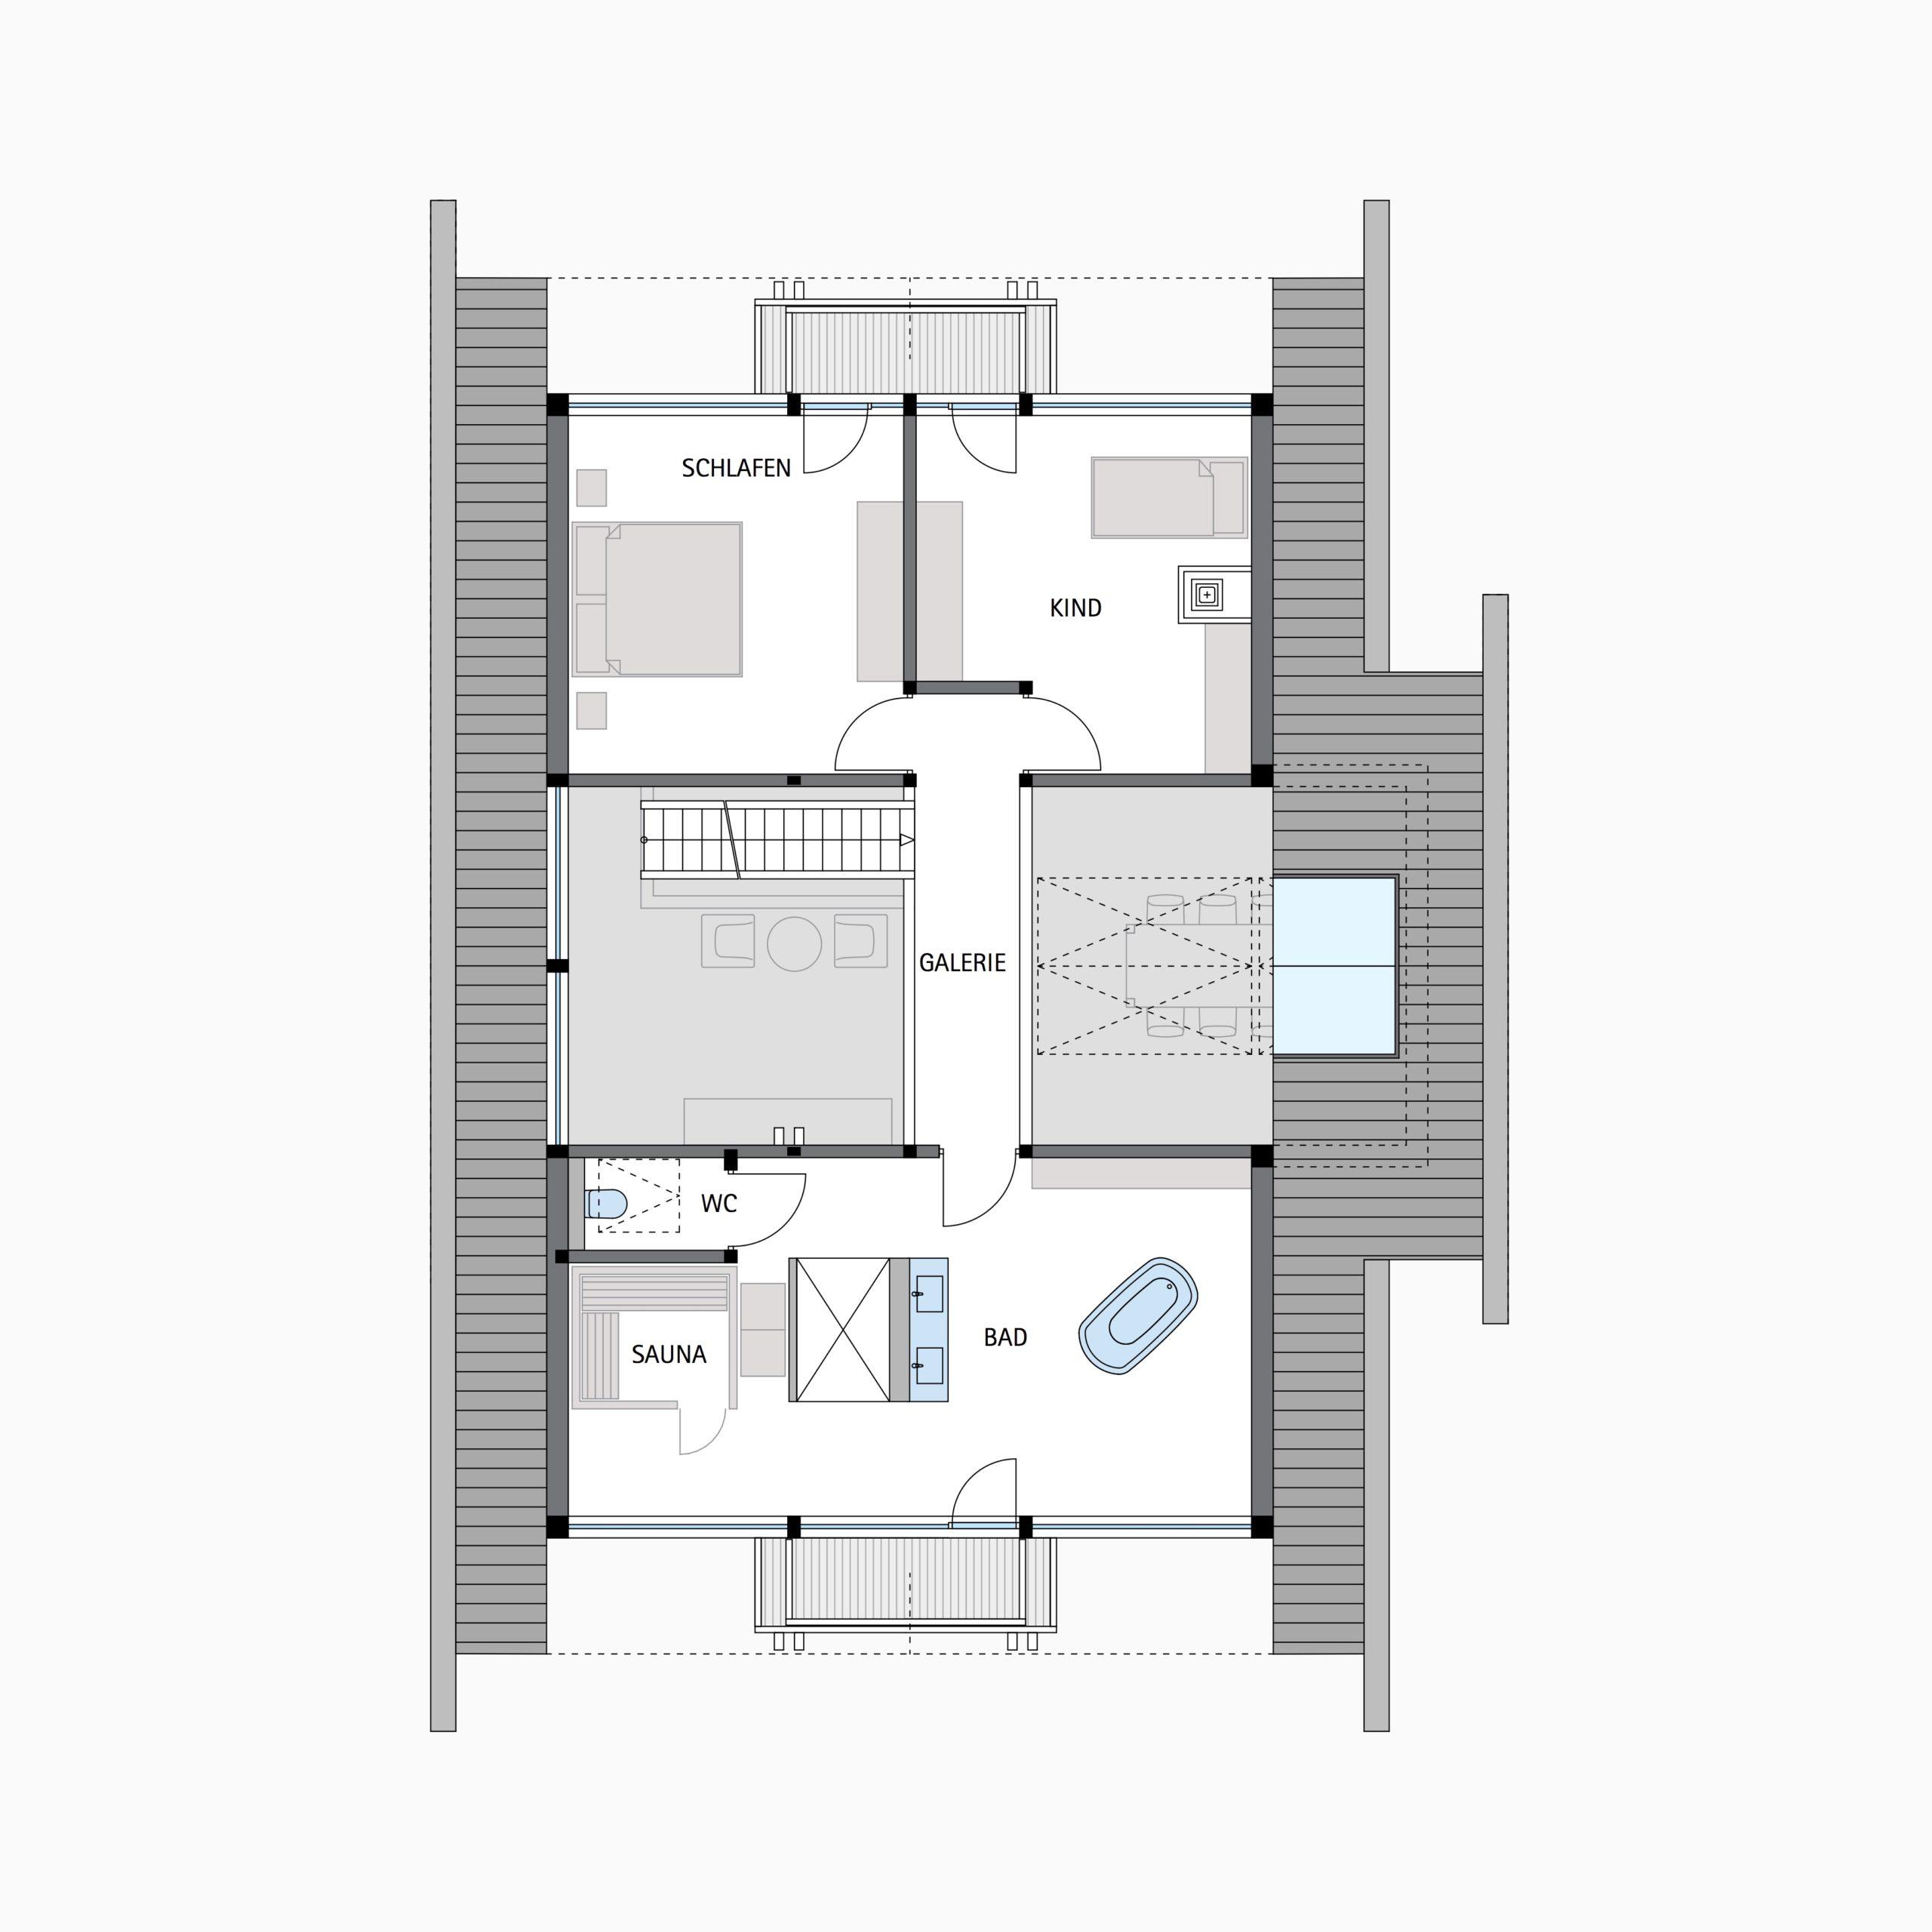 HUF HAUS ART 3 - Eine Nahaufnahme von einem Logo - Gebäudeplan